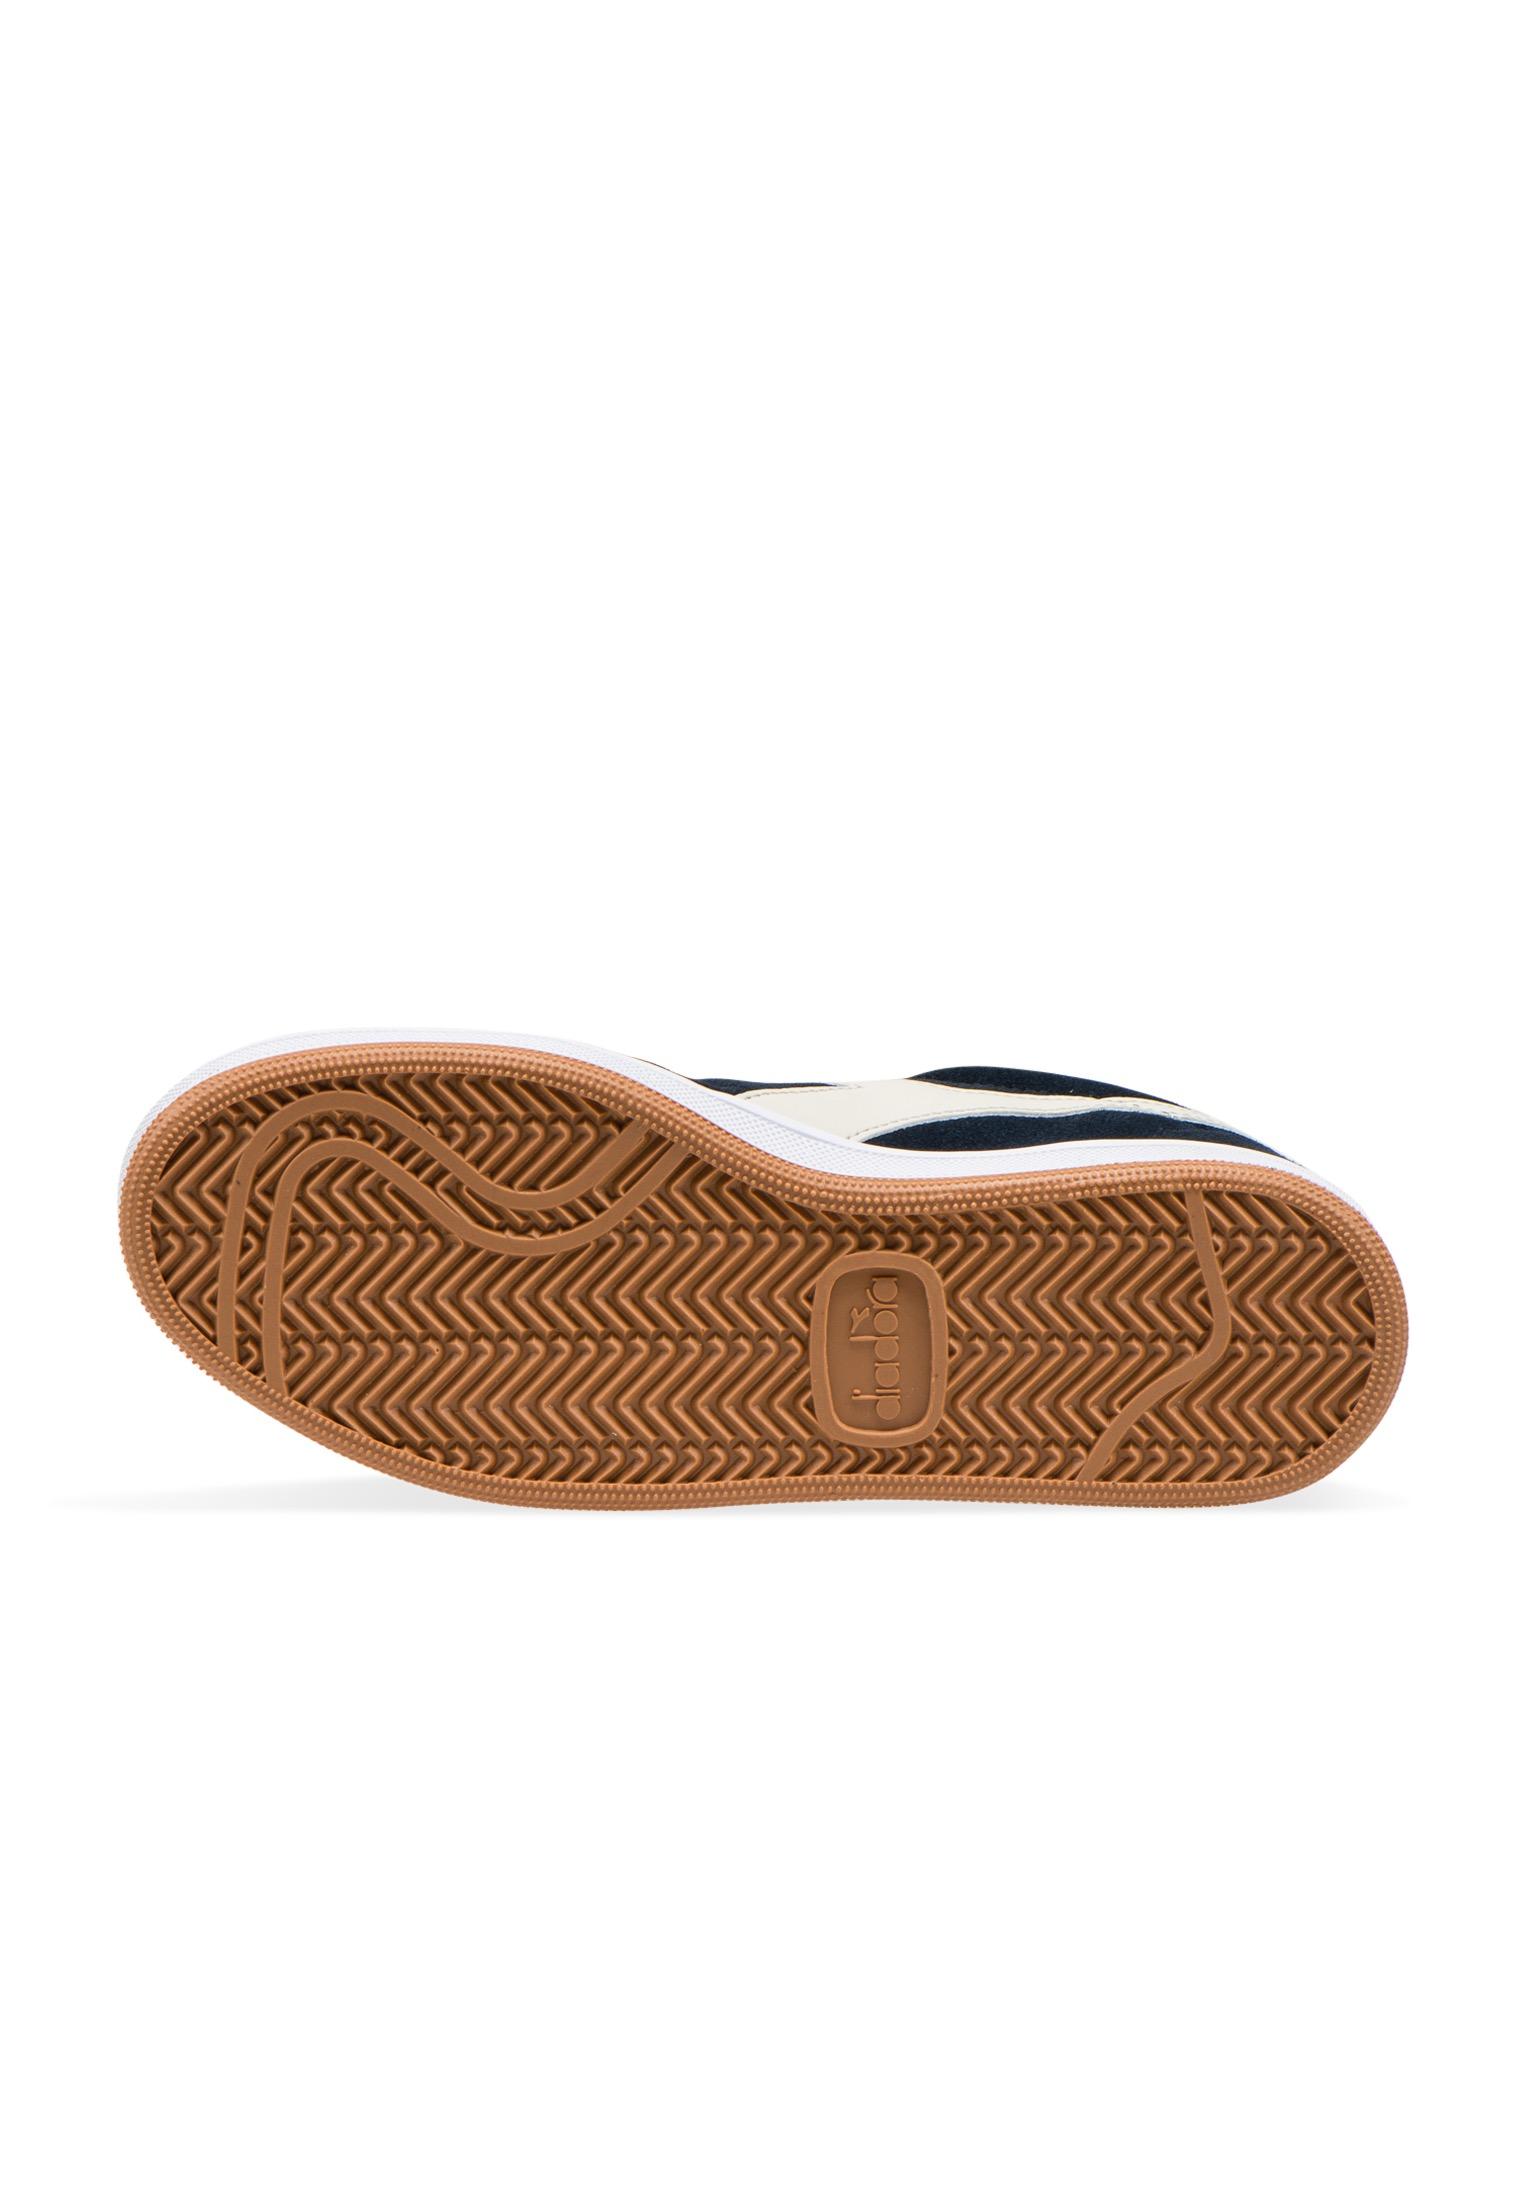 miniatura 34 - Diadora - Sneakers FIELD per uomo e donna